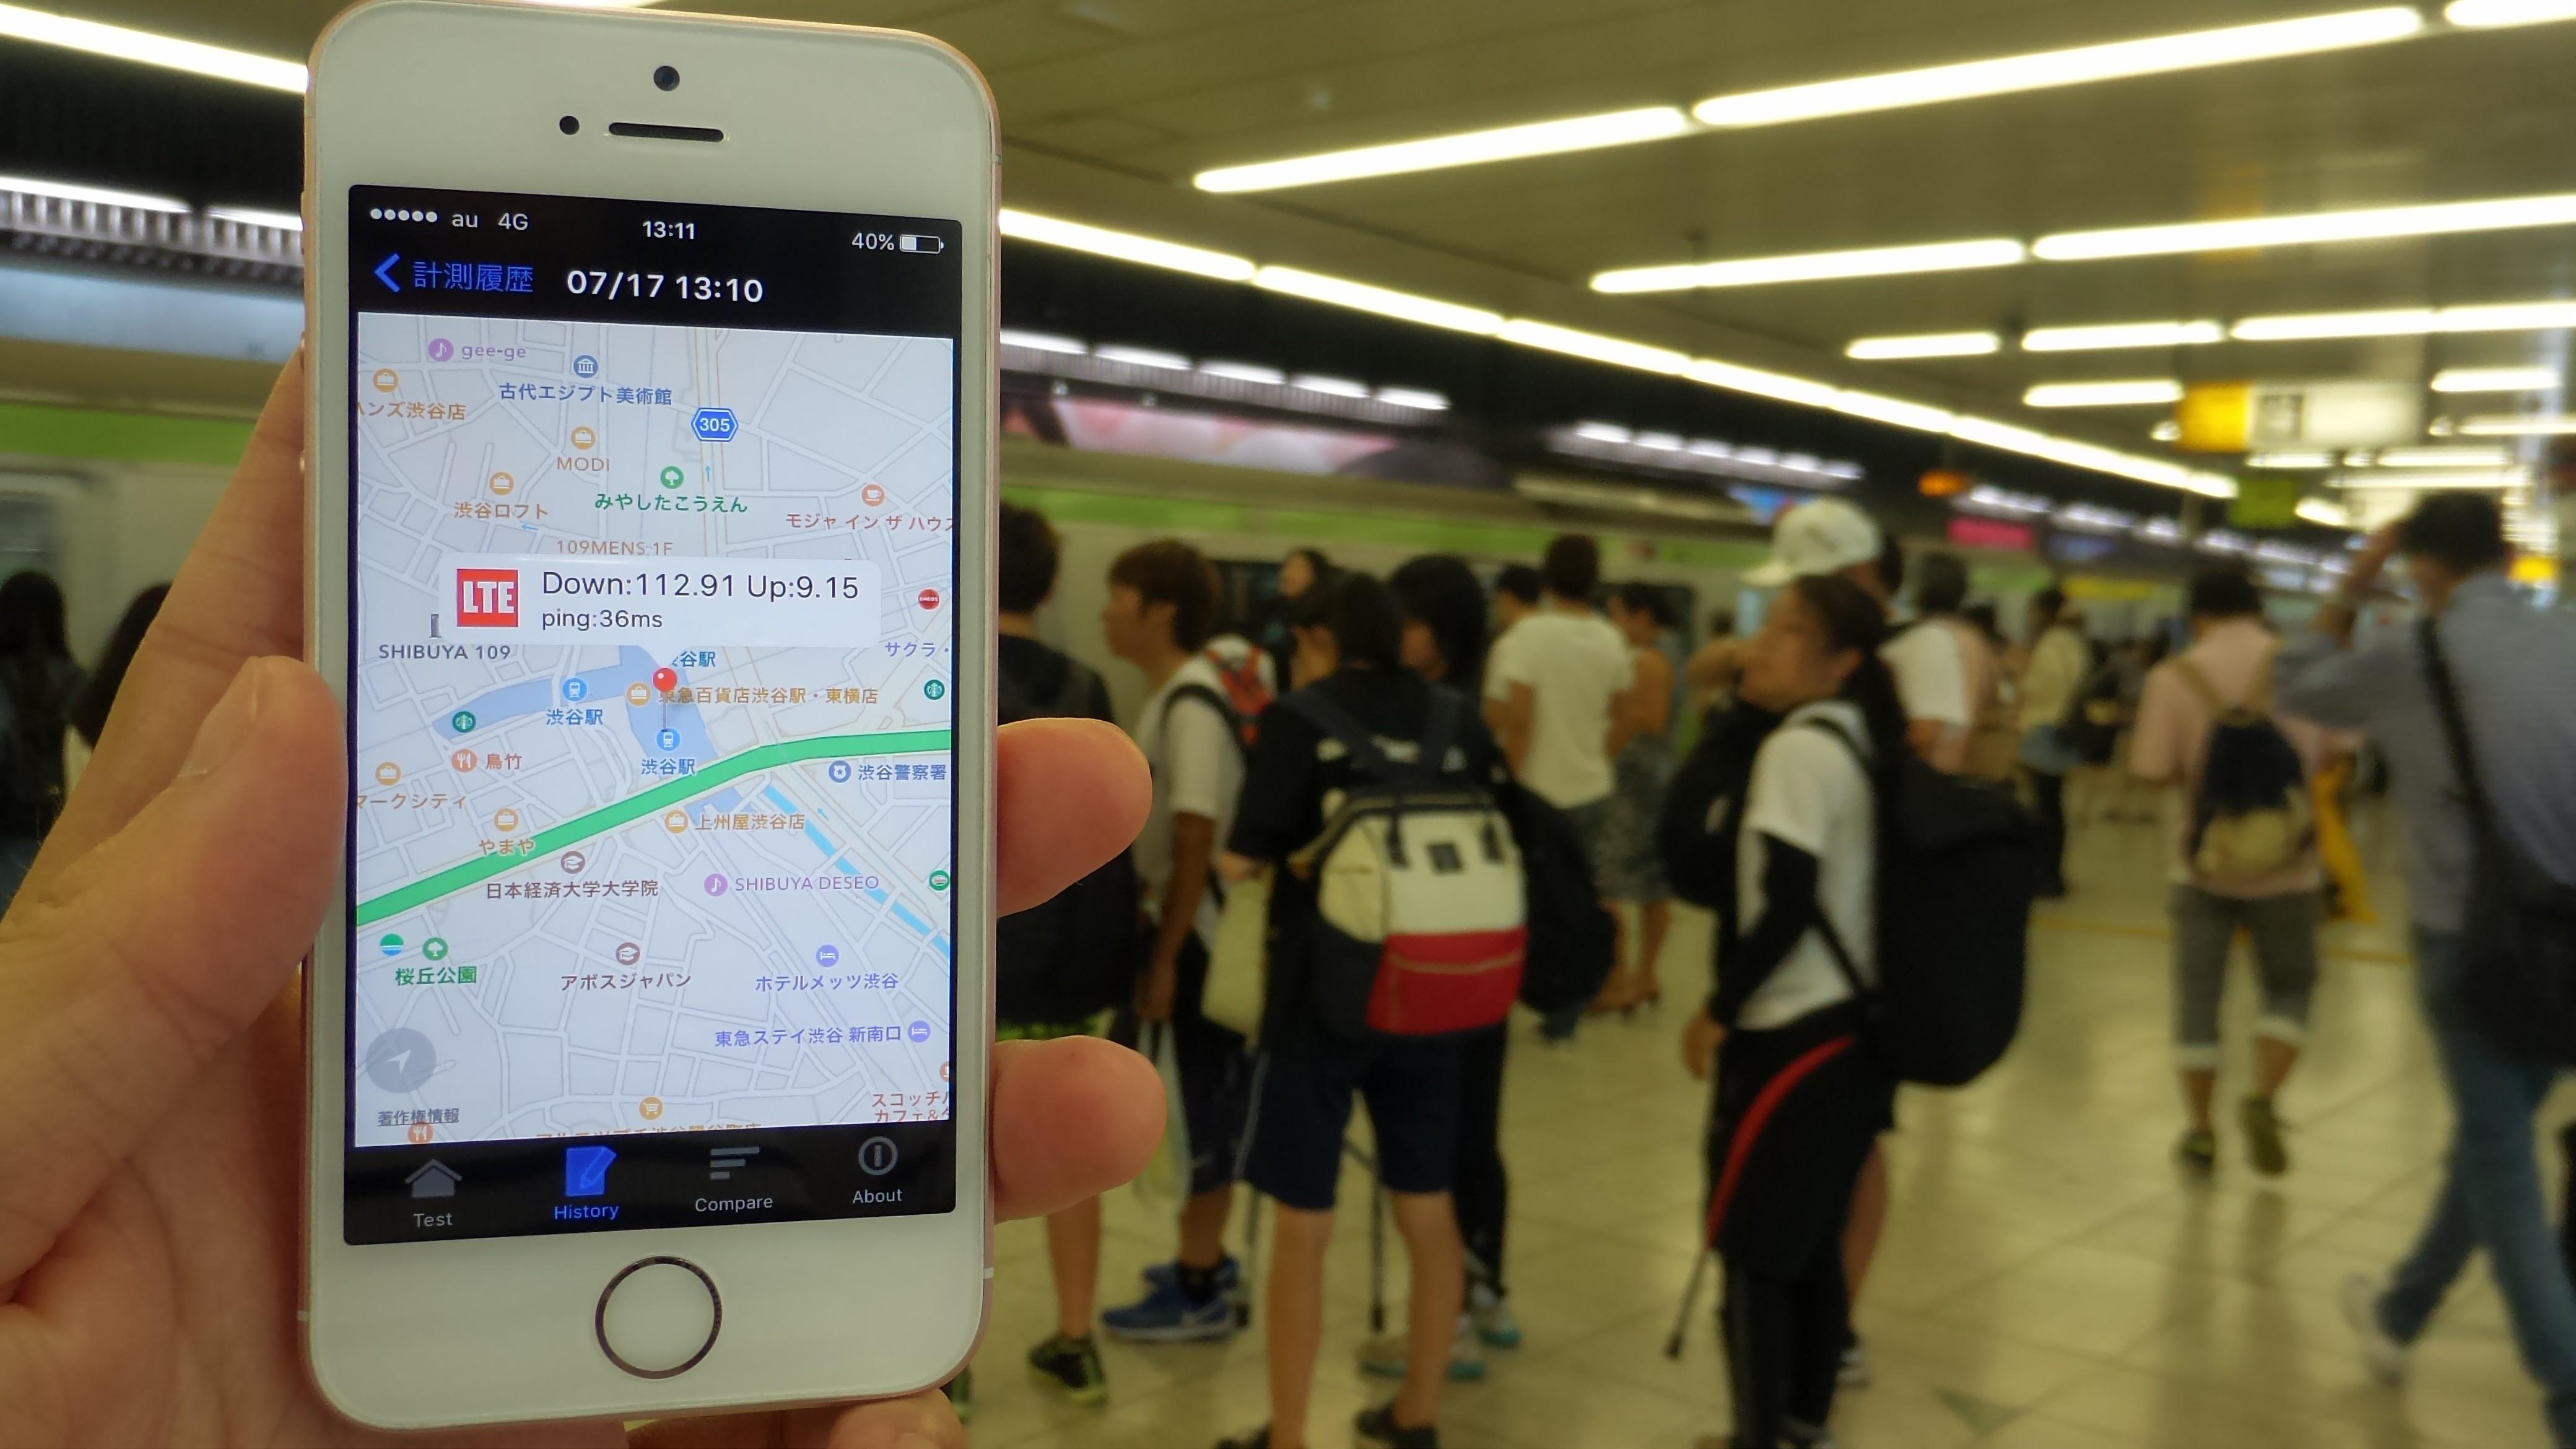 ユーキューモバイルの通信速度-渋谷駅